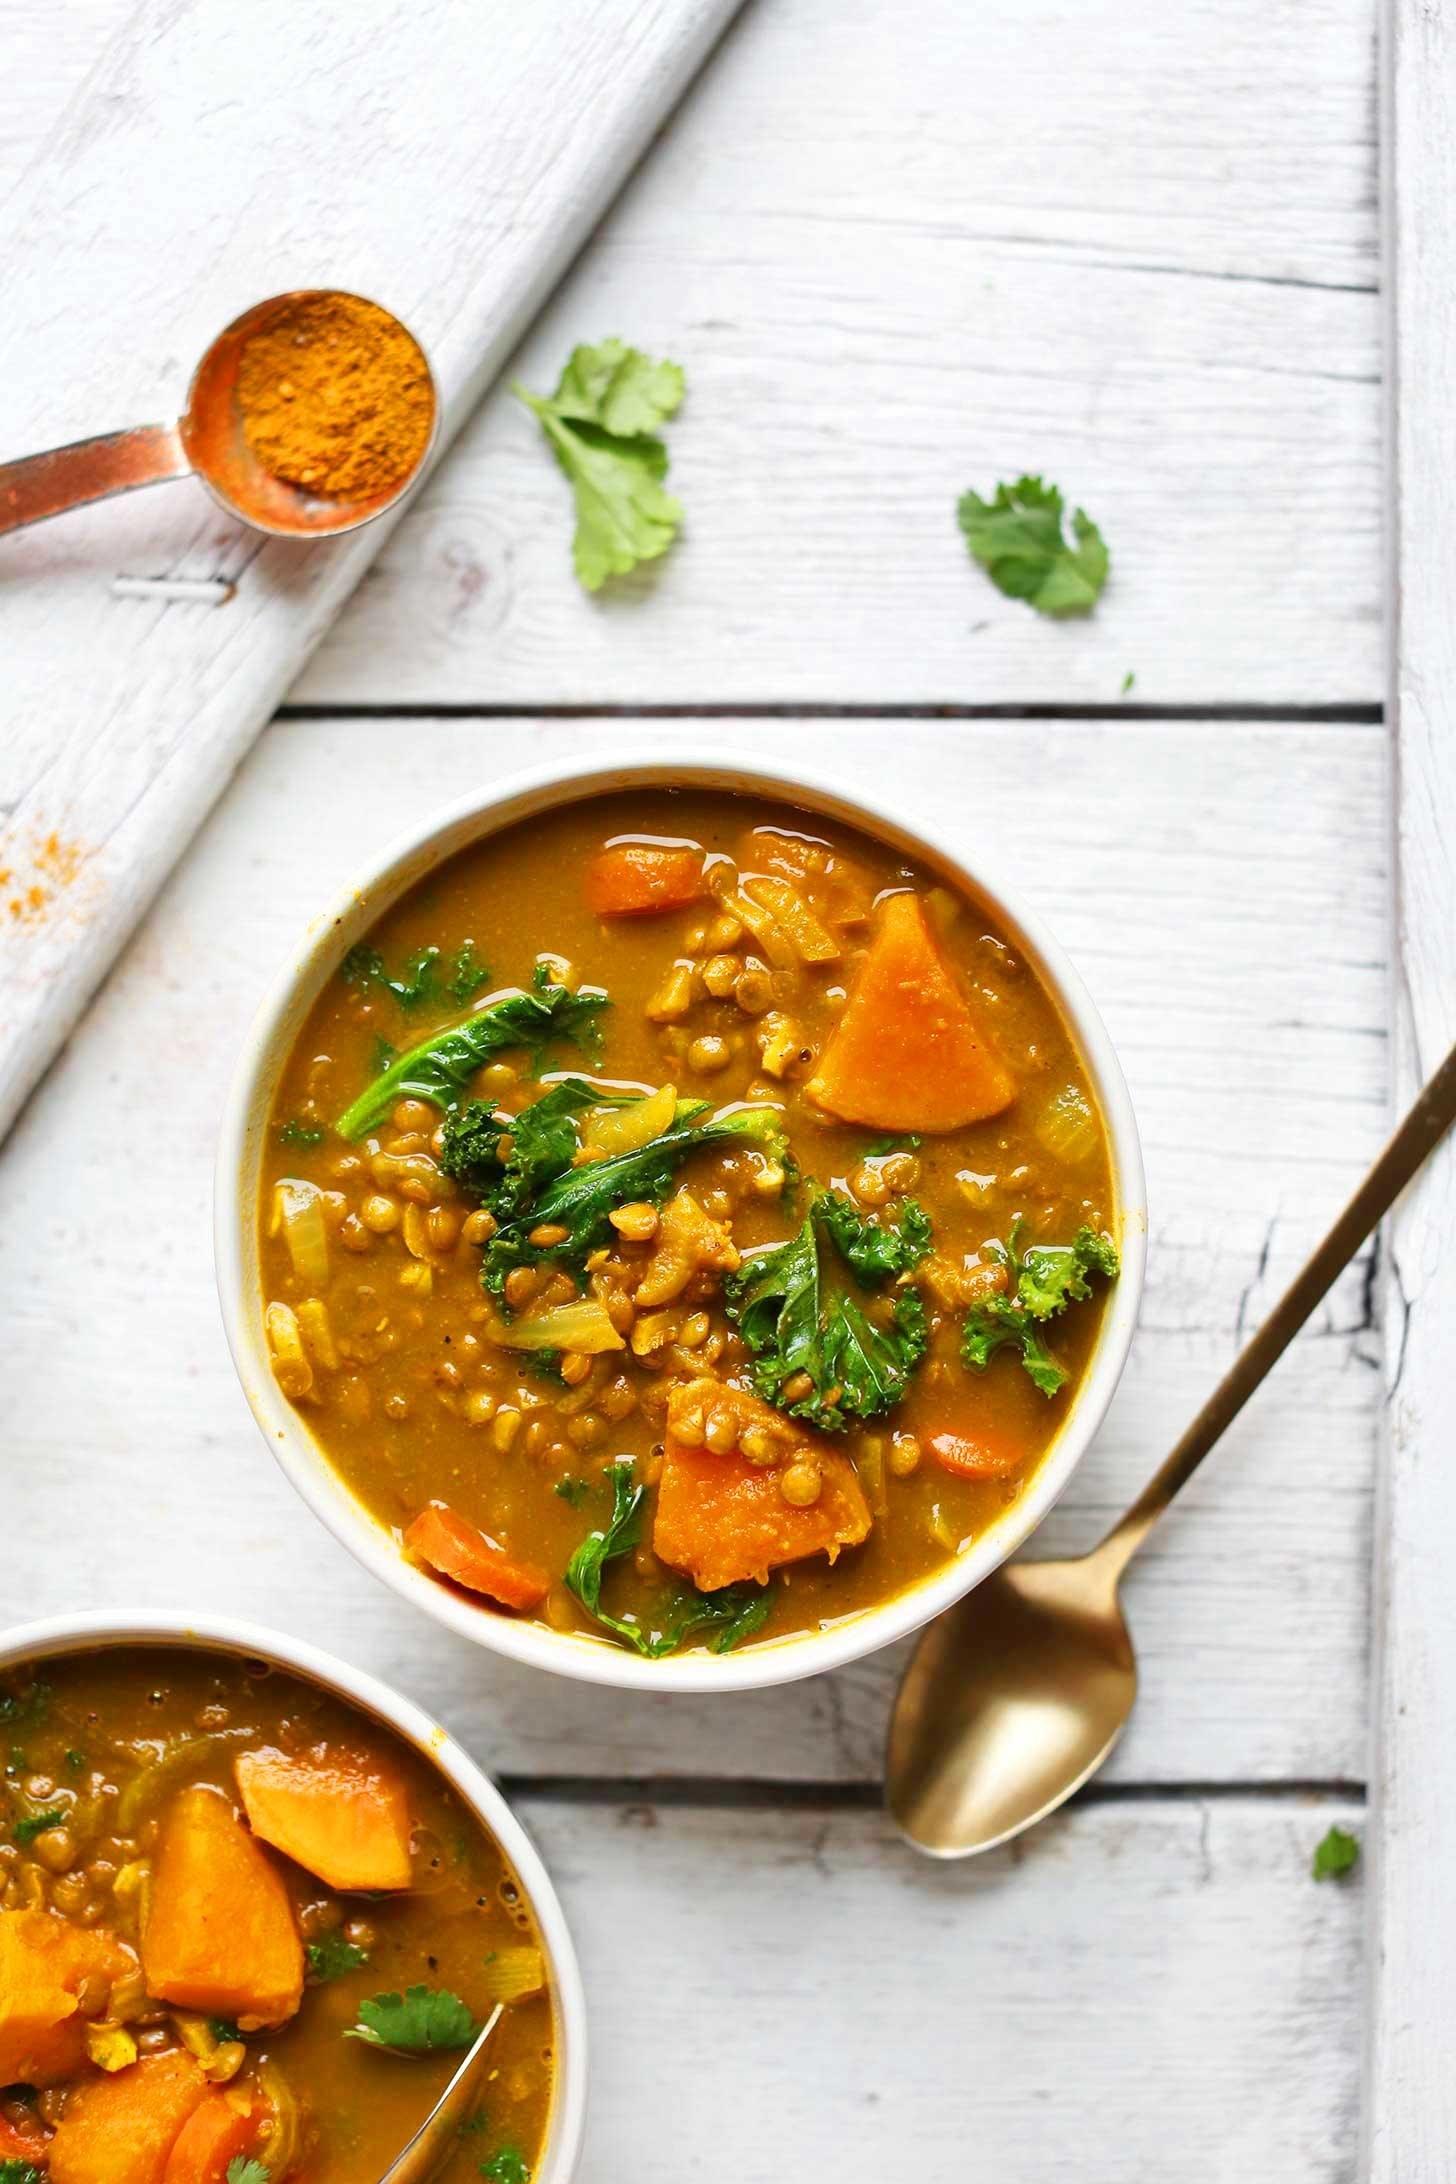 Curried potato lentil soup